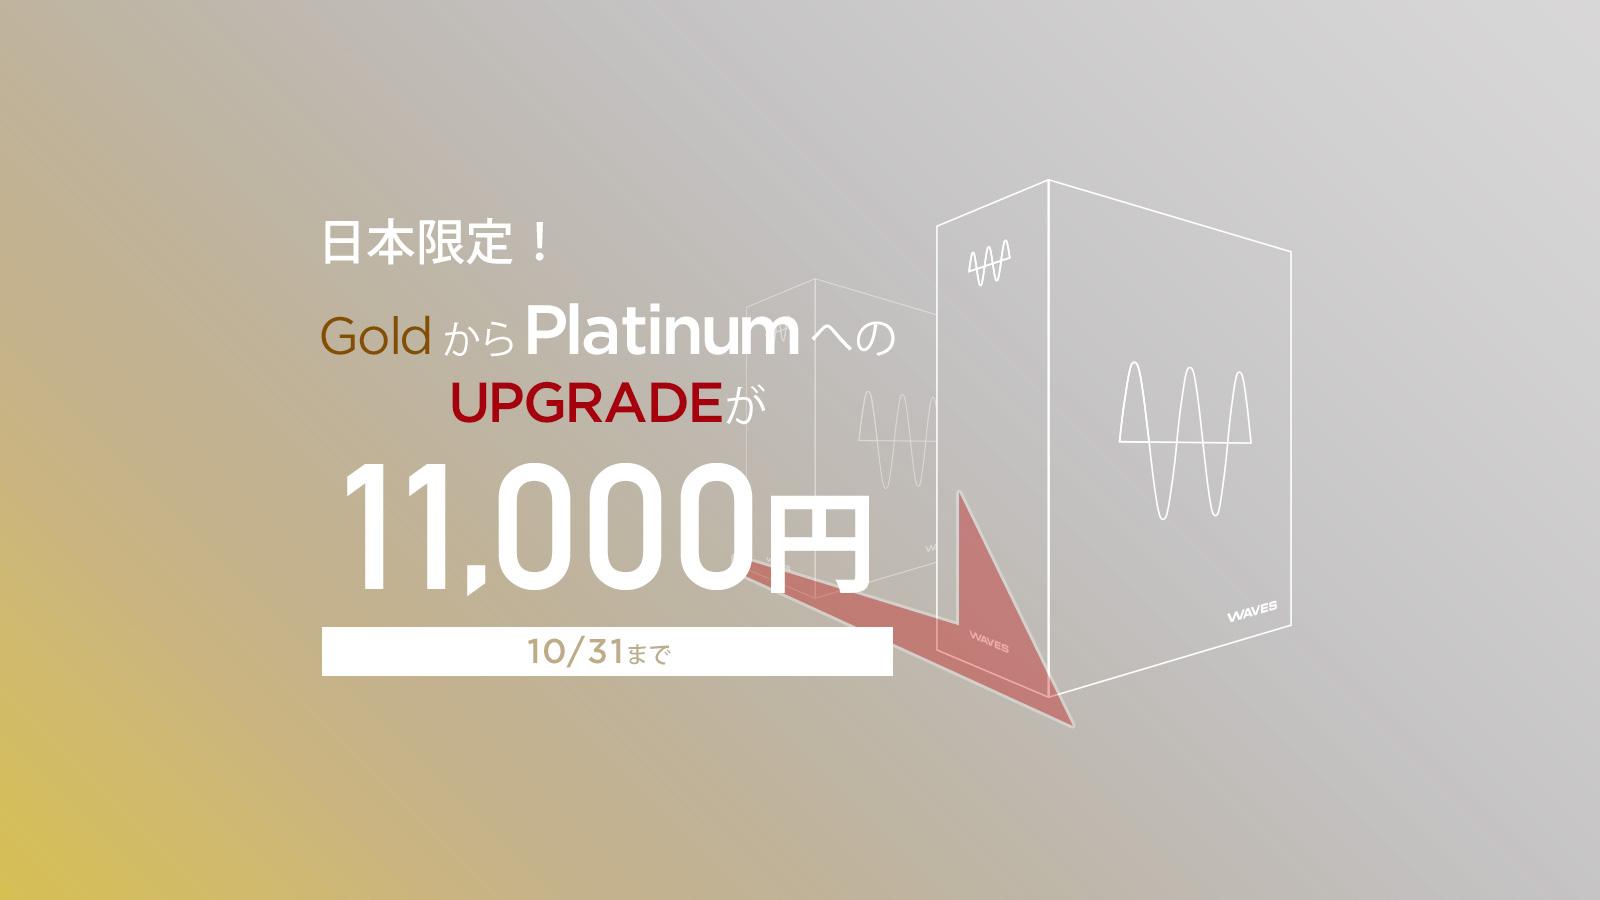 日本限定!Waves GoldからPlatinumへのアップグレードが11,000円!